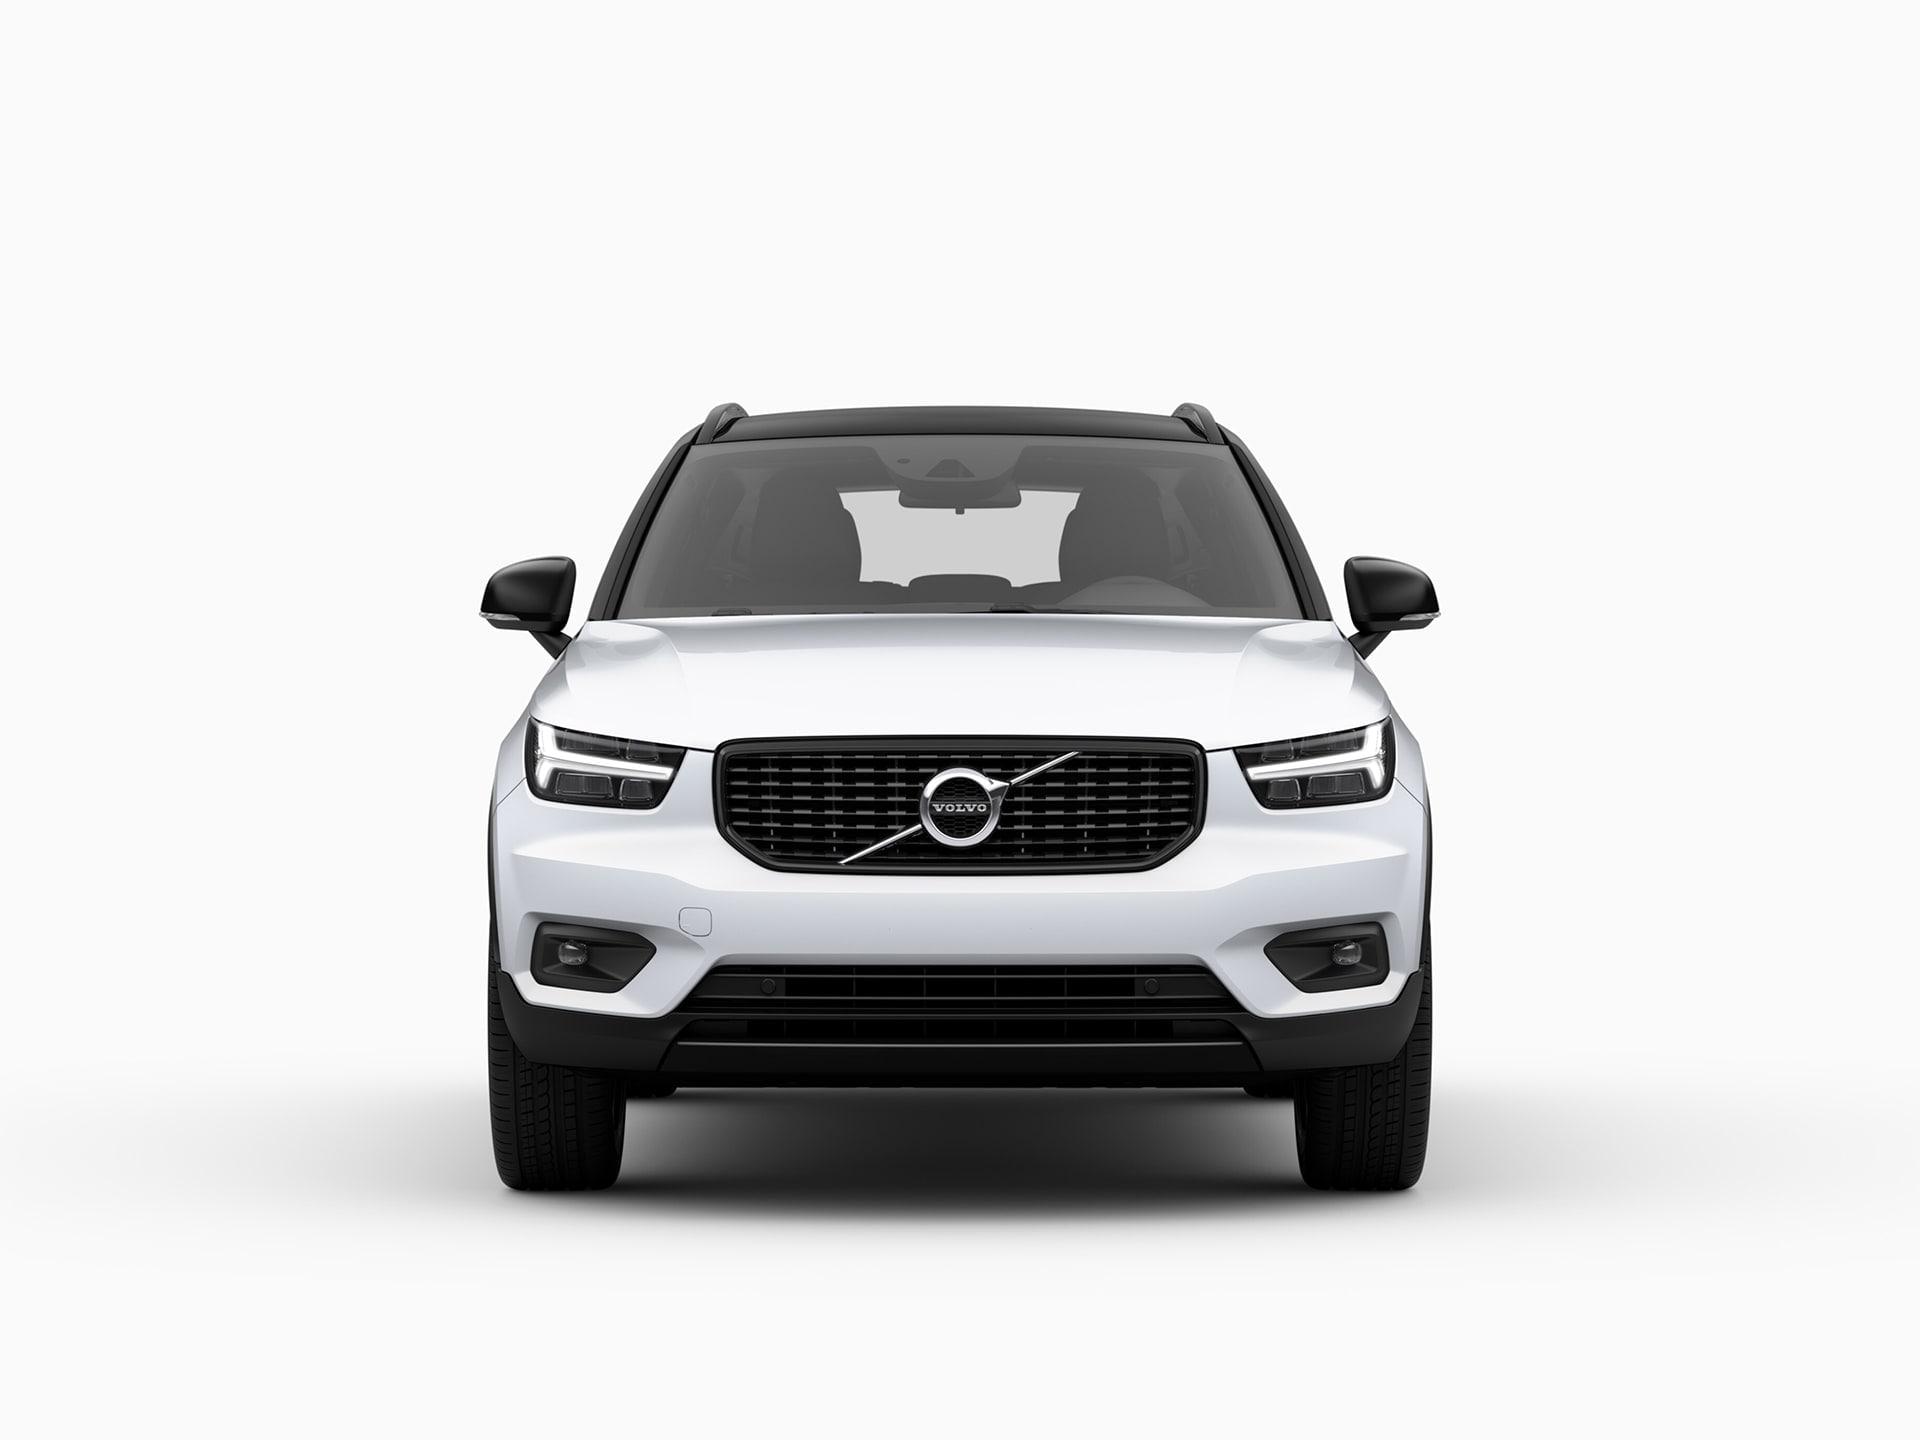 Die Frontansicht eines Volvo XC40 SUV.